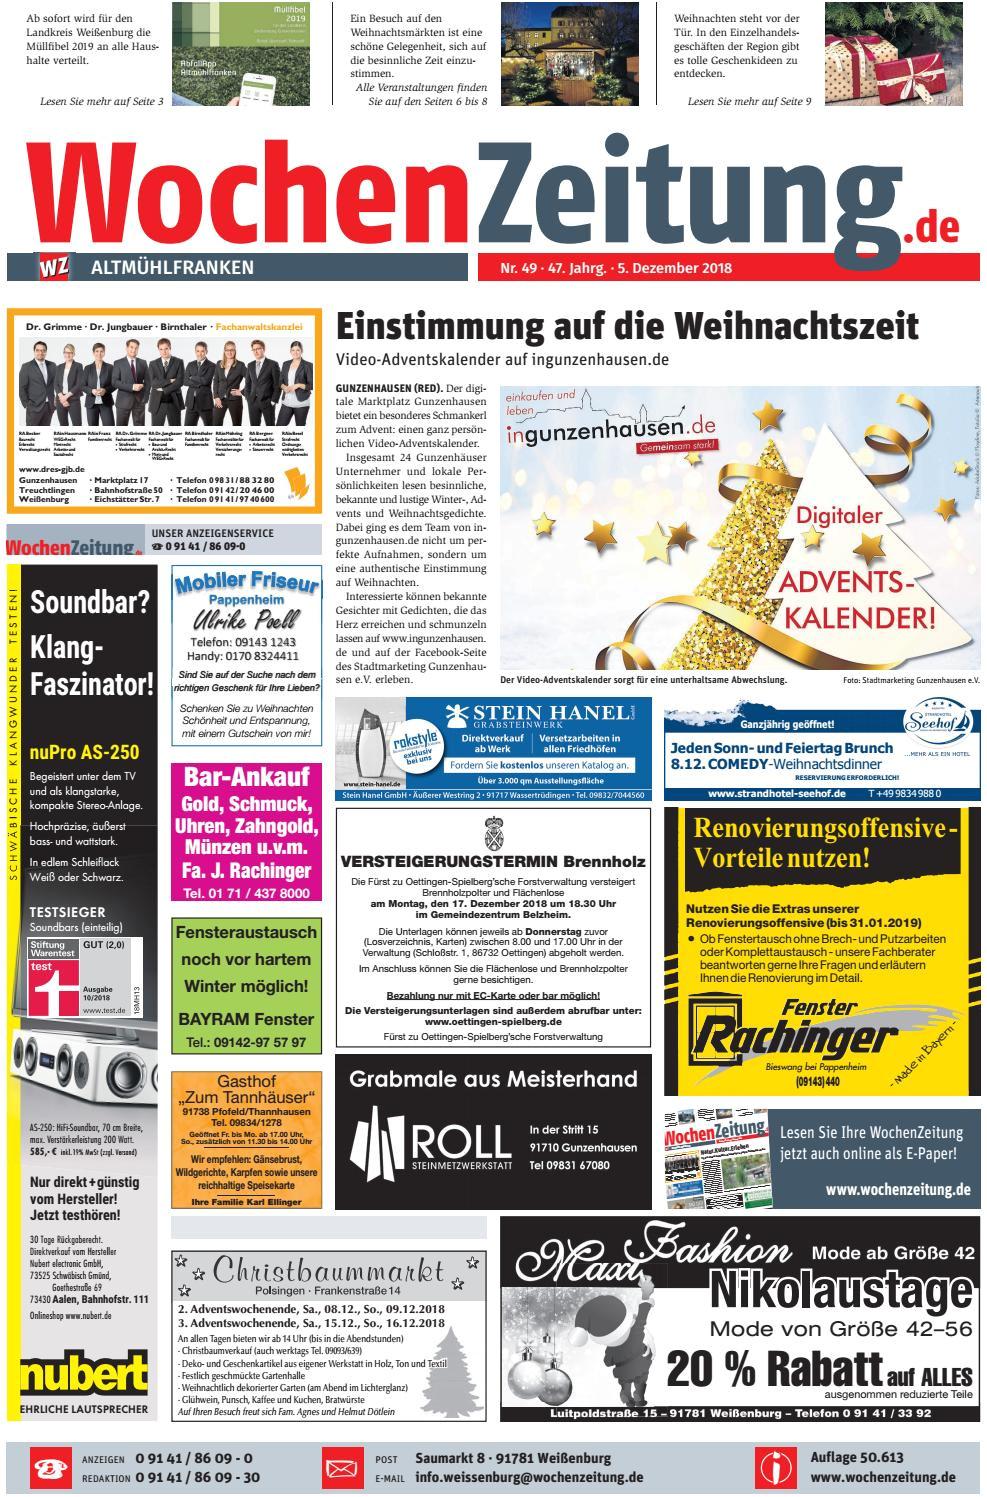 wochenzeitung altmuhlfranken kw 49 18 by wochenzeitung sonntagszeitung issuu